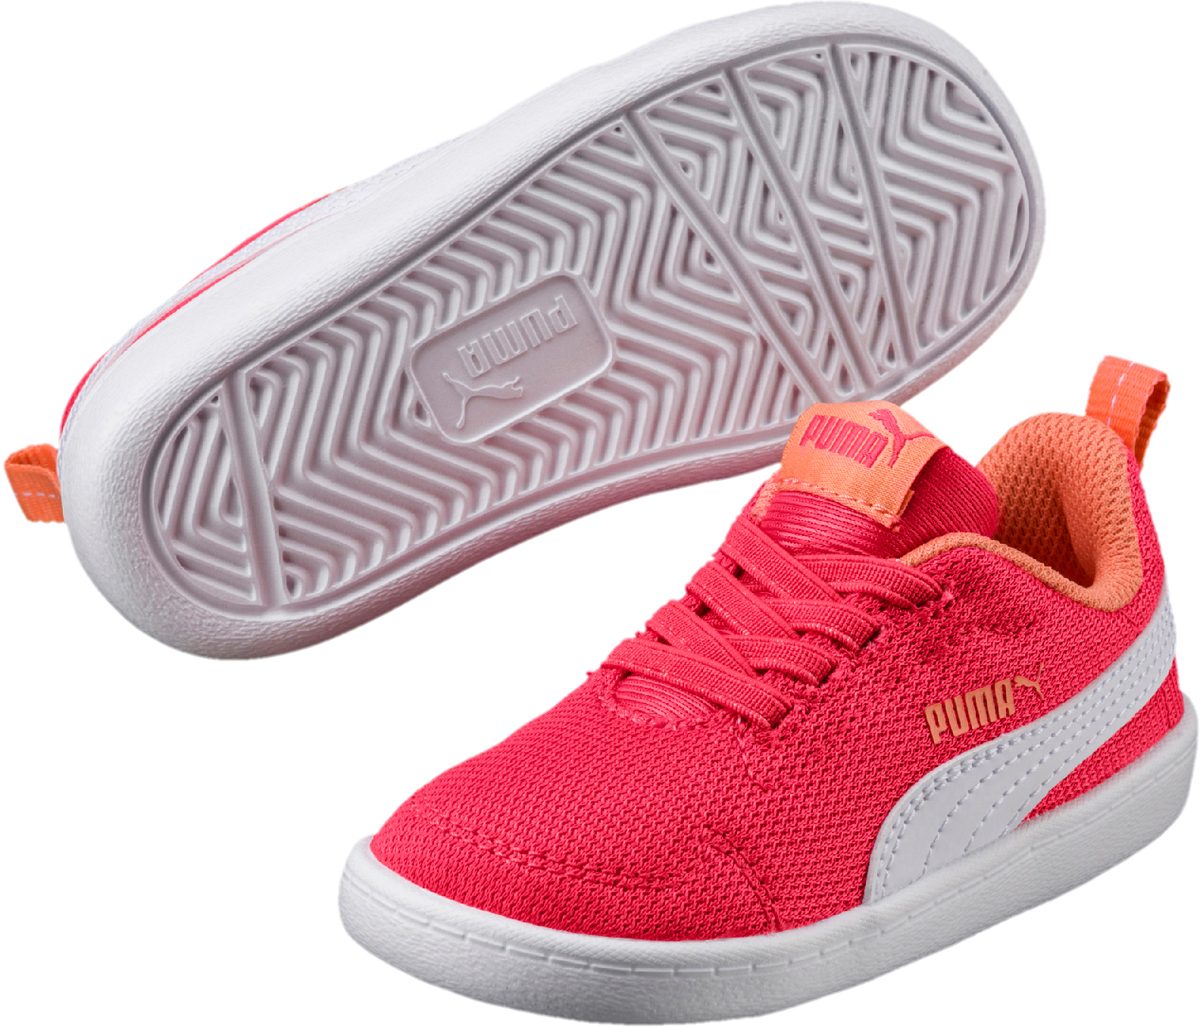 Кеды для девочки Puma Courtflex Mesh PS, цвет: розовый. 36427711. Размер 13 (31)36427711Новая модель Courtflex для детей, которая пришла в коллекцию уличной обуви из мира тенниса. Верх из плотного сетчатого материала, эластичные шнурки и петля на заднике для простоты обувания дополнены мягкой и упругой подошвой из ЭВА. Прекрасный вариант детской обуви на каждый день!